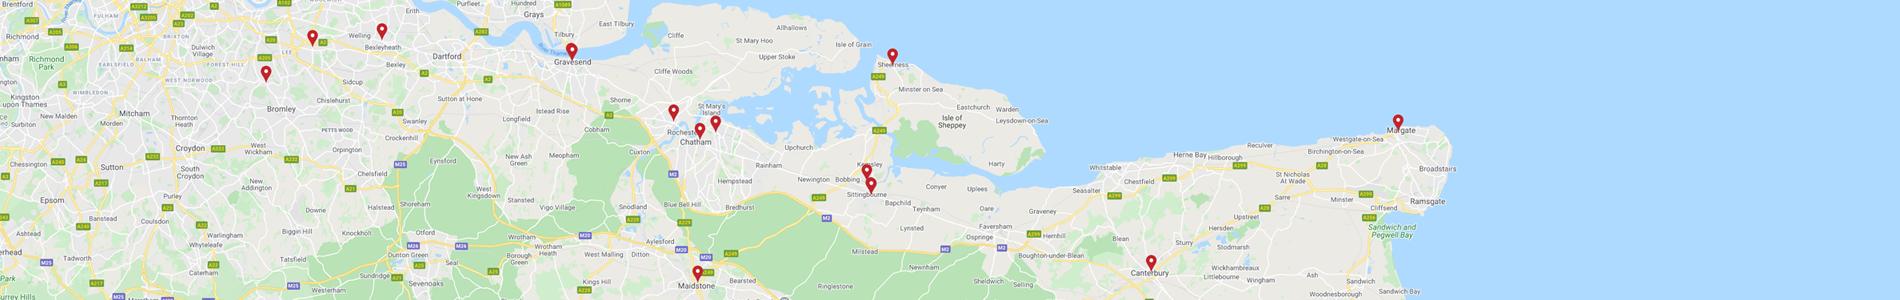 Map of TJs E-cigarettes Store Locations